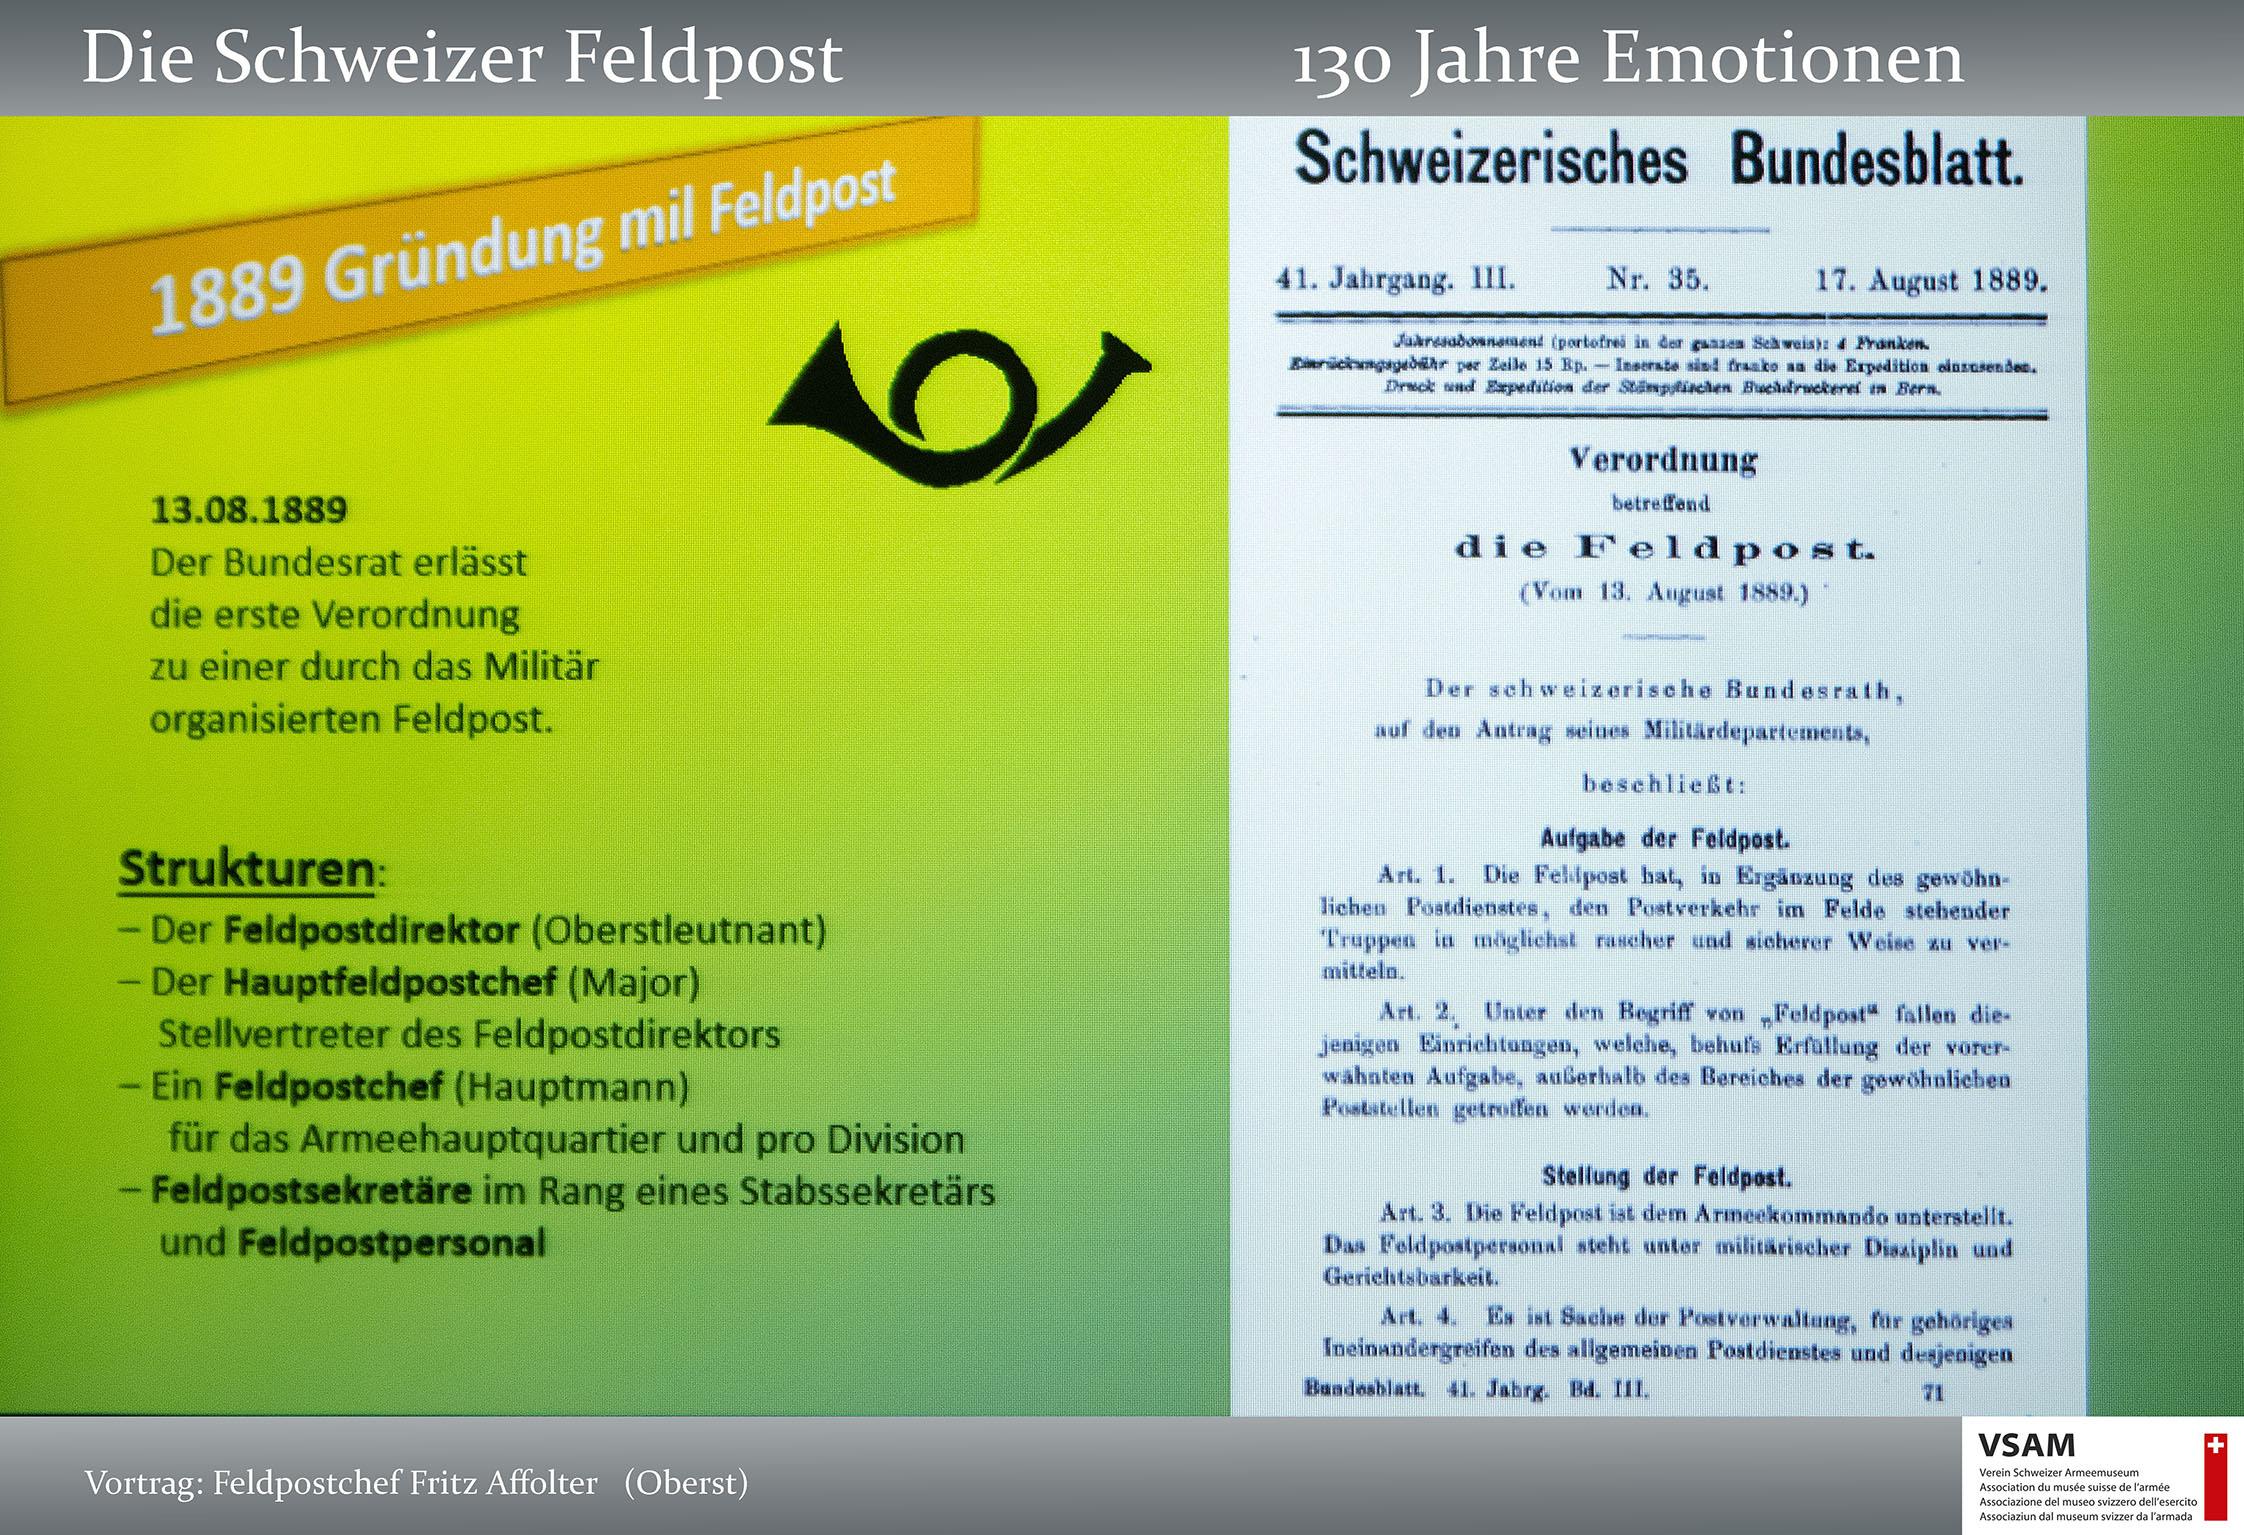 VSAM Vortrag Die Schweizer Feldpost 130 Jahre Emotionen von Frit